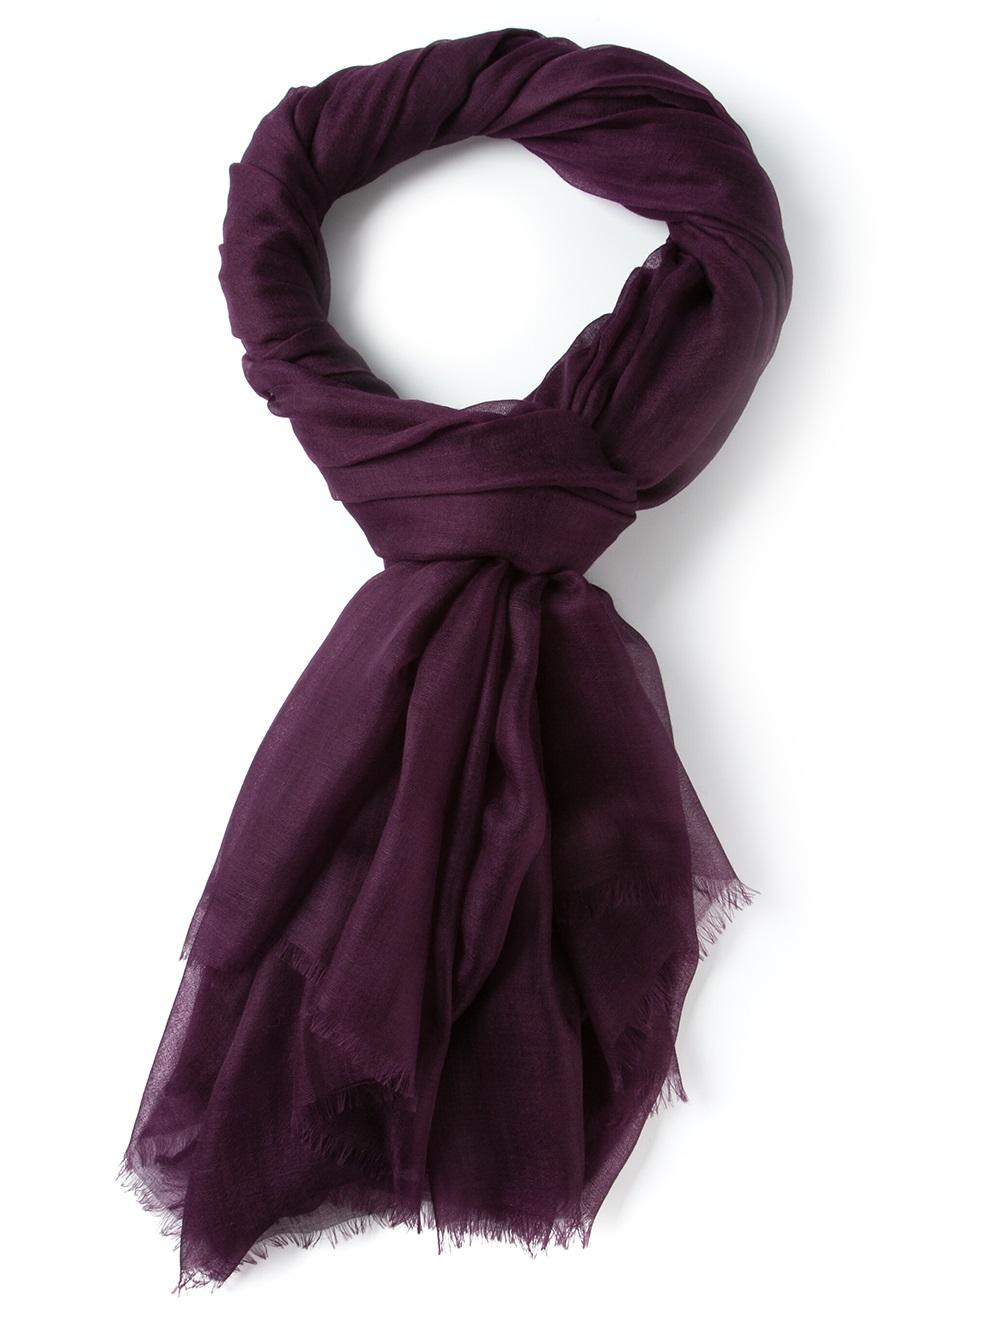 ferragamo knit scarf in purple pink purple lyst